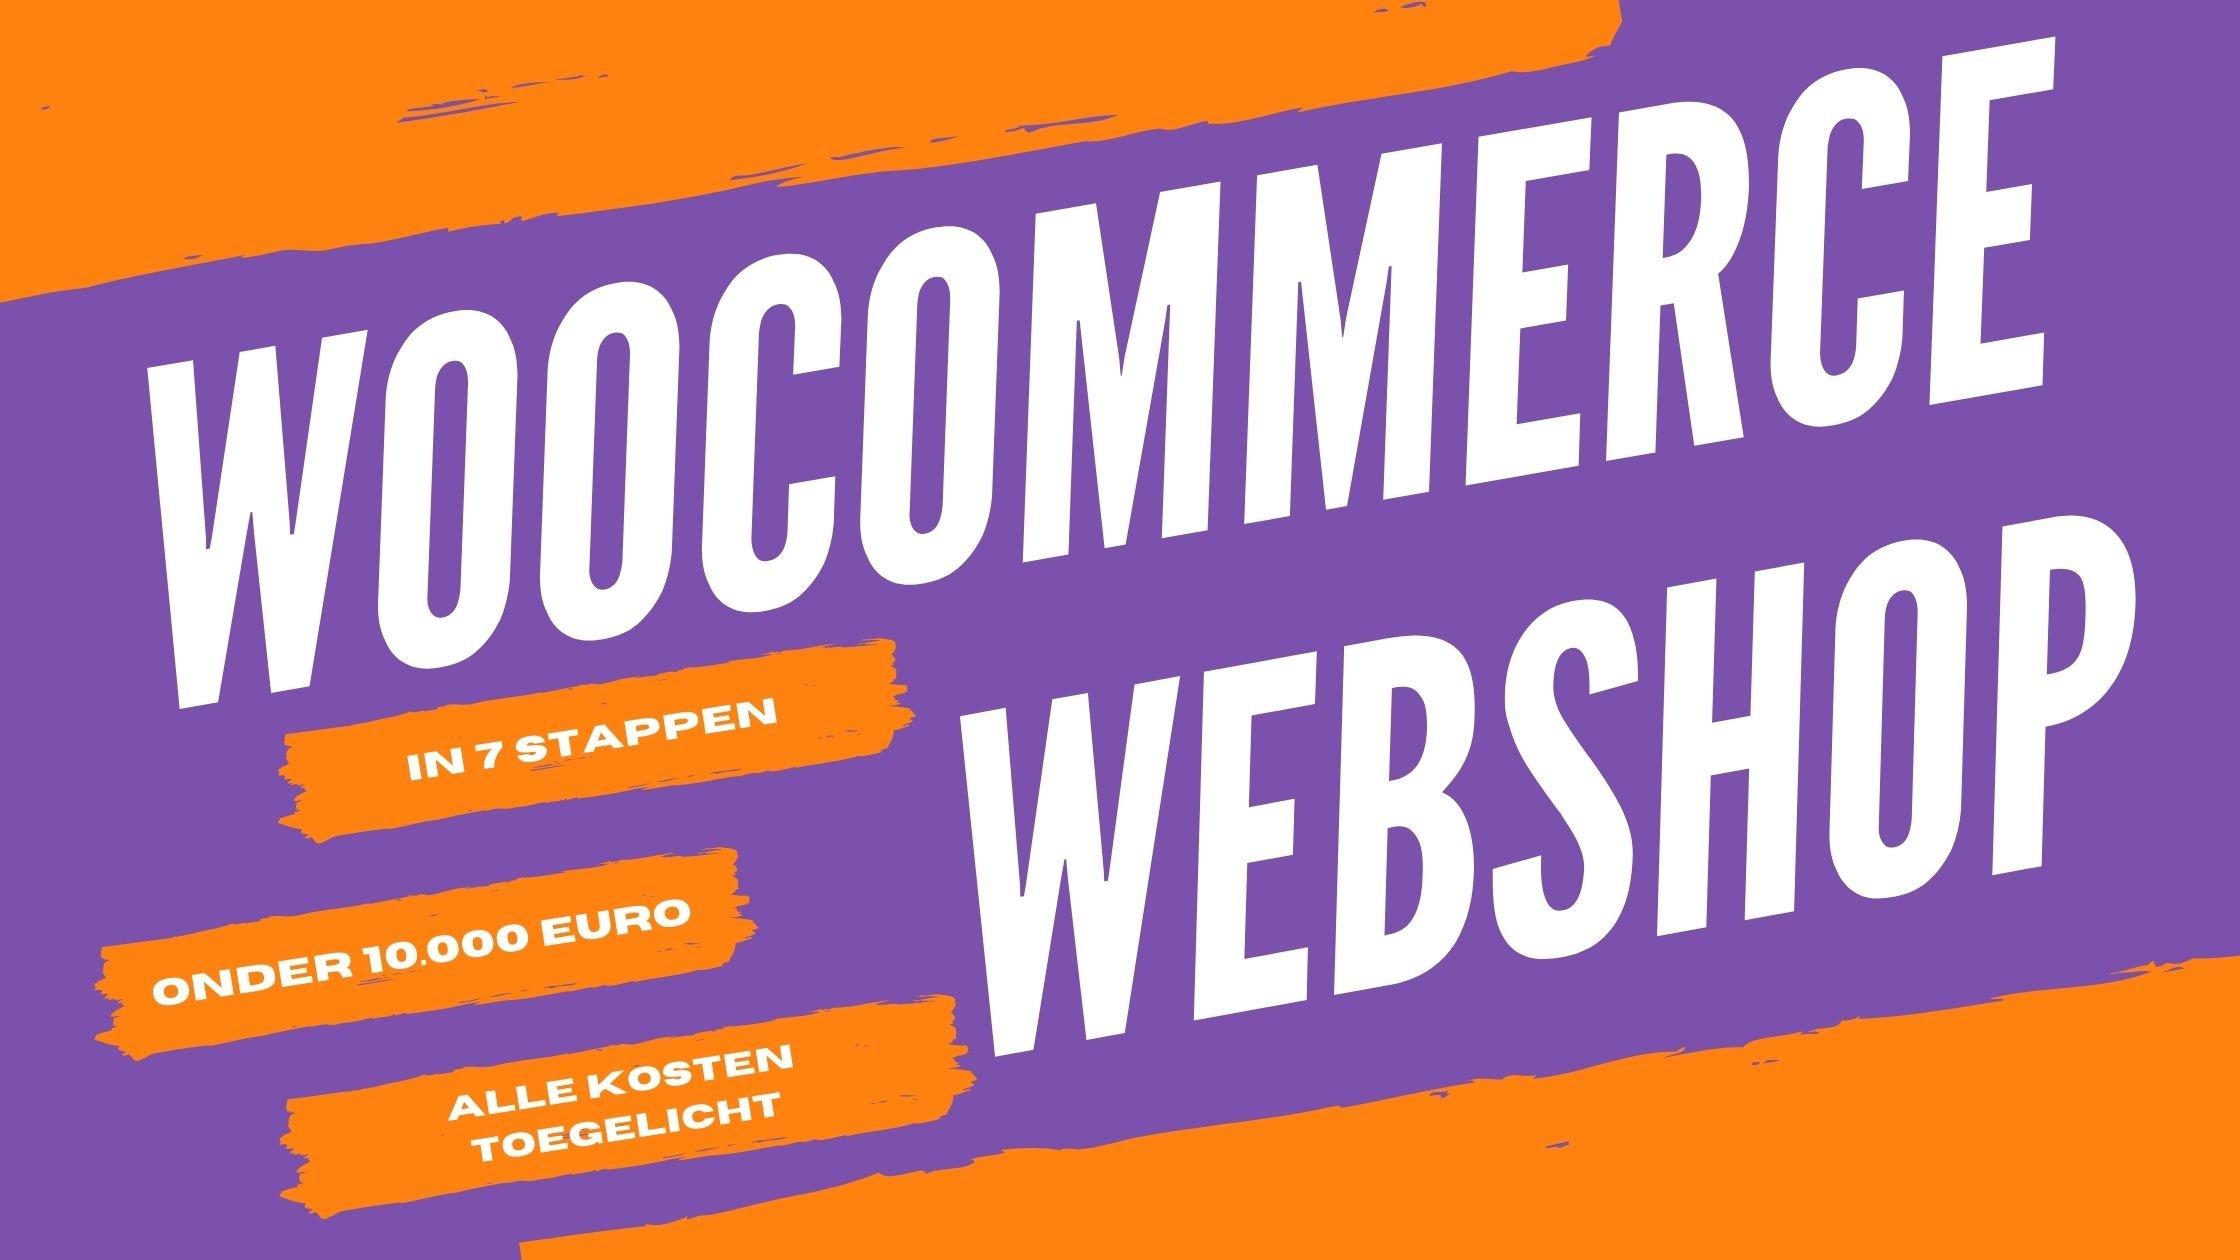 Een WooCommerce webshop voor minder dan €10.000